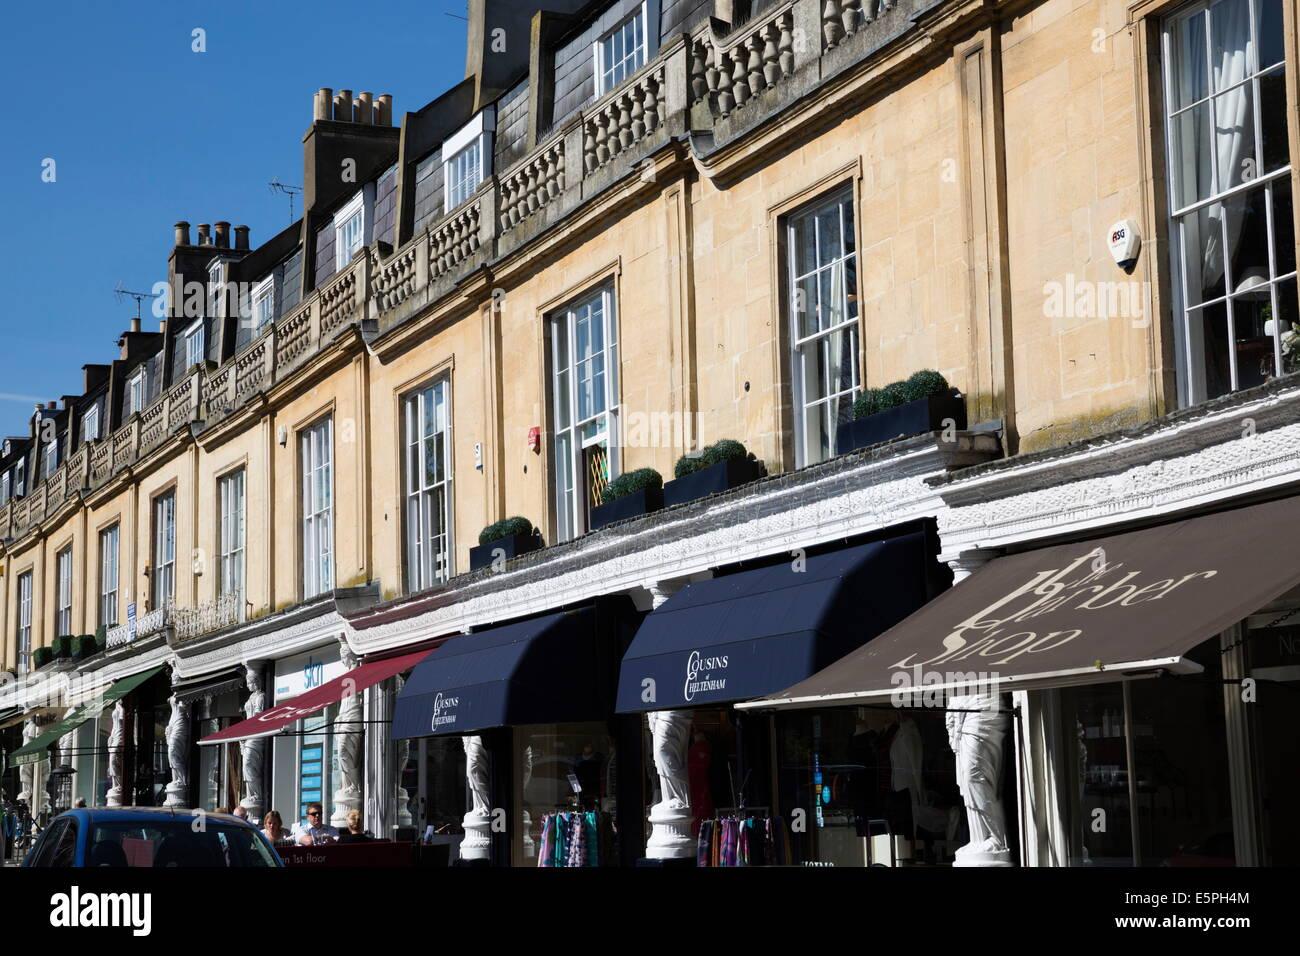 Regency shop fronts along Montpellier Walk, Cheltenham, Gloucestershire, England, United Kingdom, Europe - Stock Image